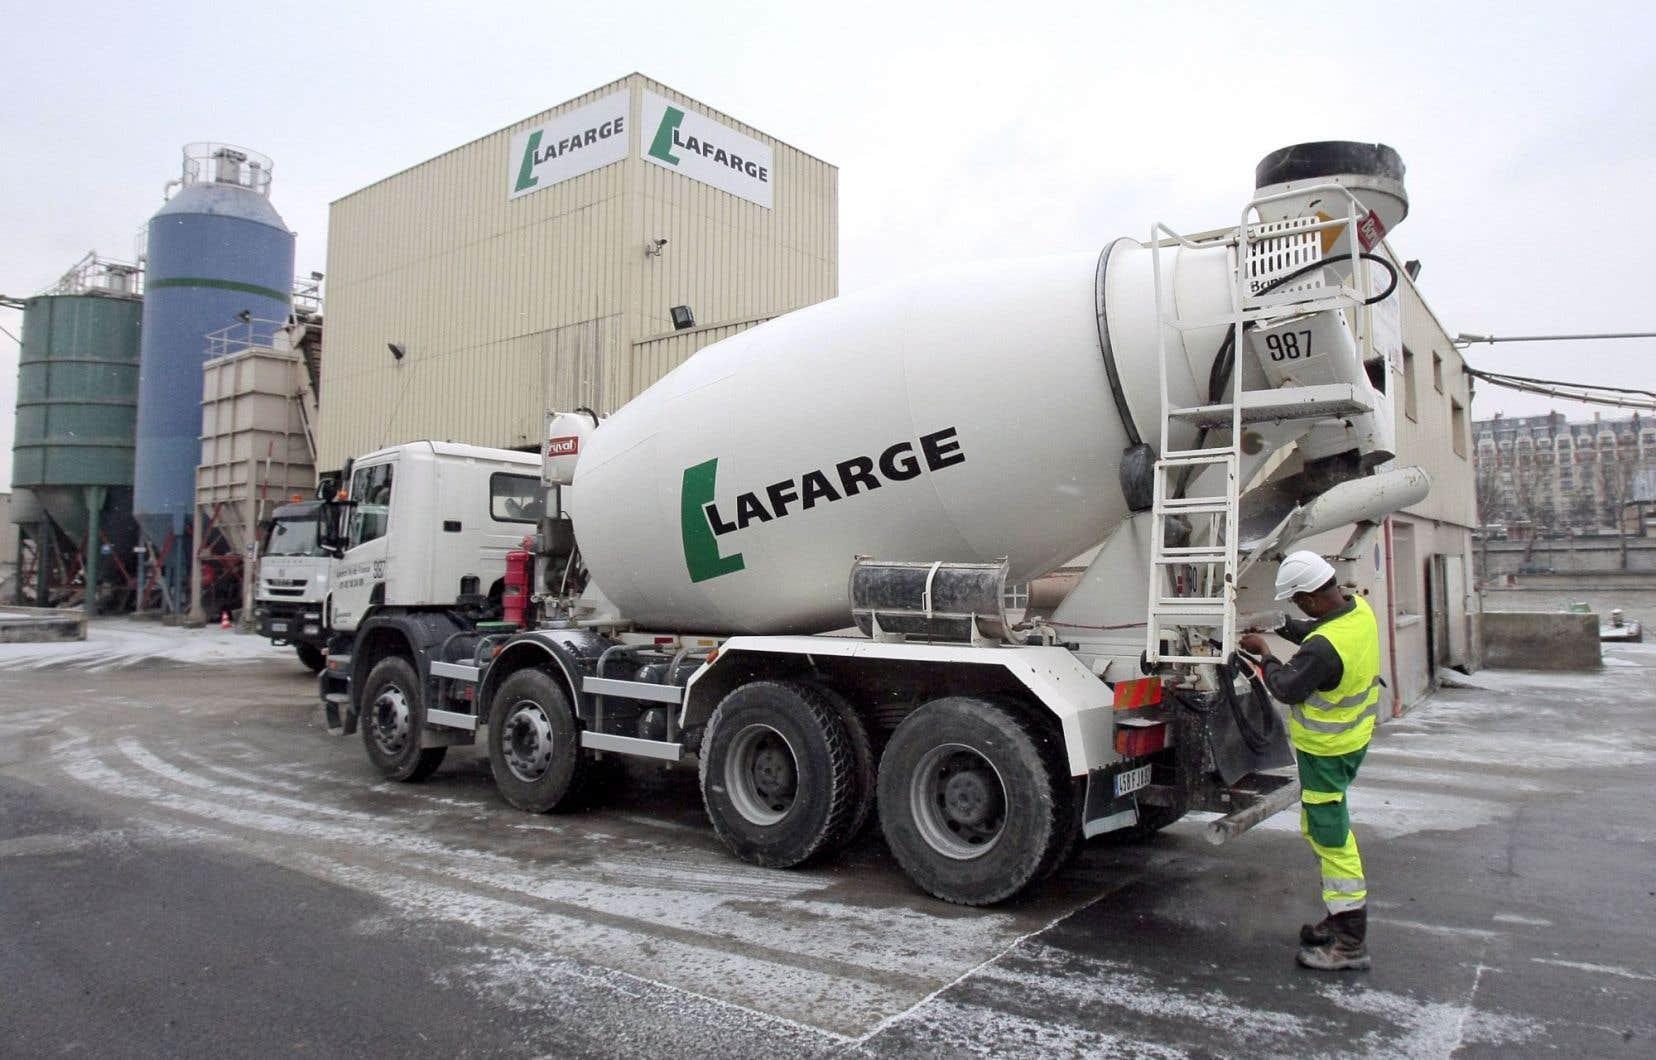 L'entreprise Lafarge-Holcim est contrôlée par quatre grands actionnaires, dont le Groupe Bruxelles Lambert, composé du capital du Belge Albert Frère et de Power Corporation de la famille canadienne Desmarais.